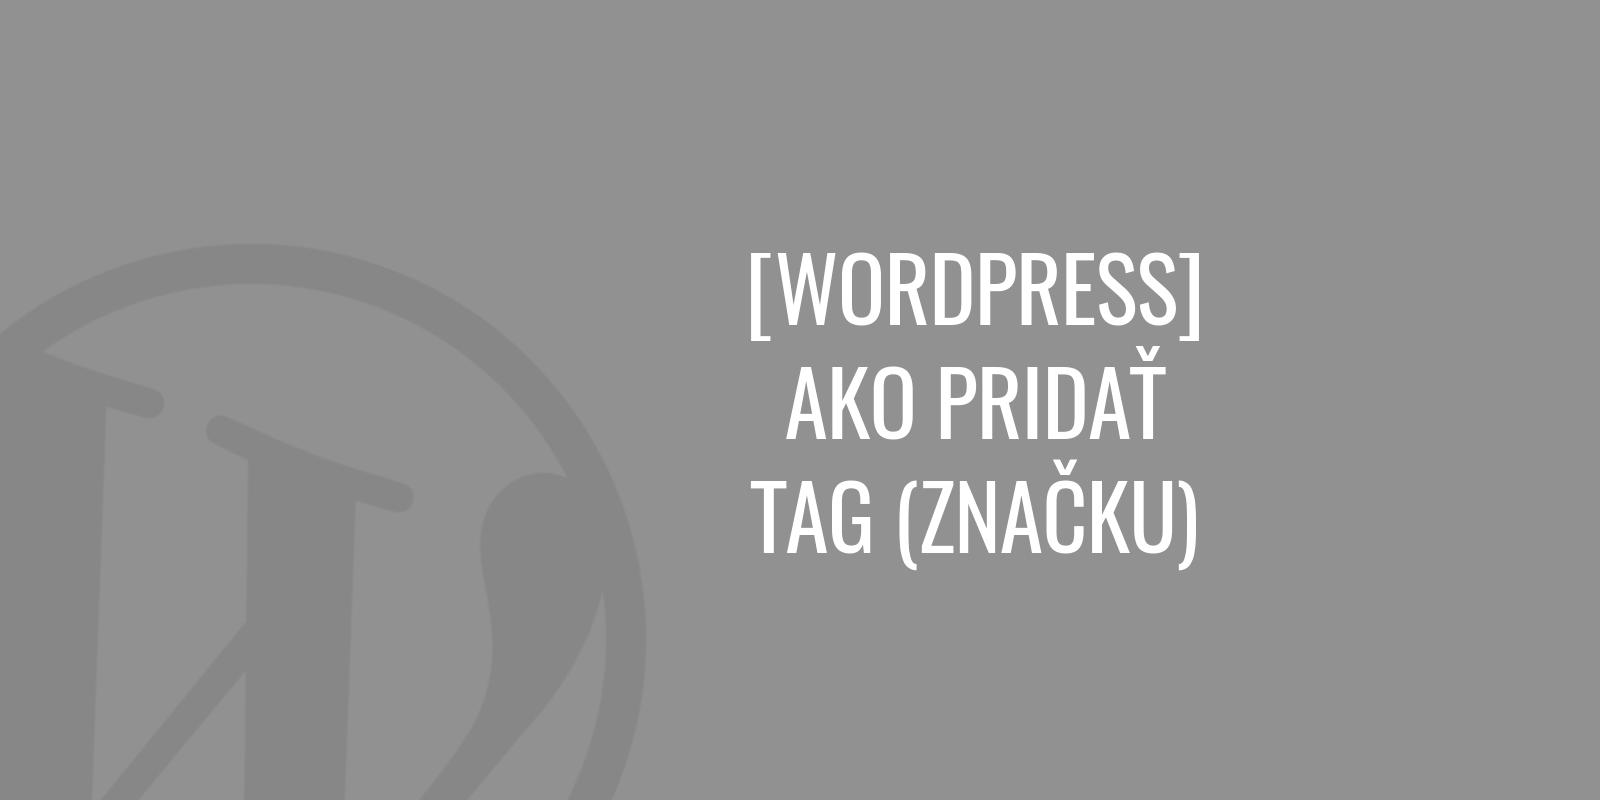 Ako pridať tag (značku) vo WordPress